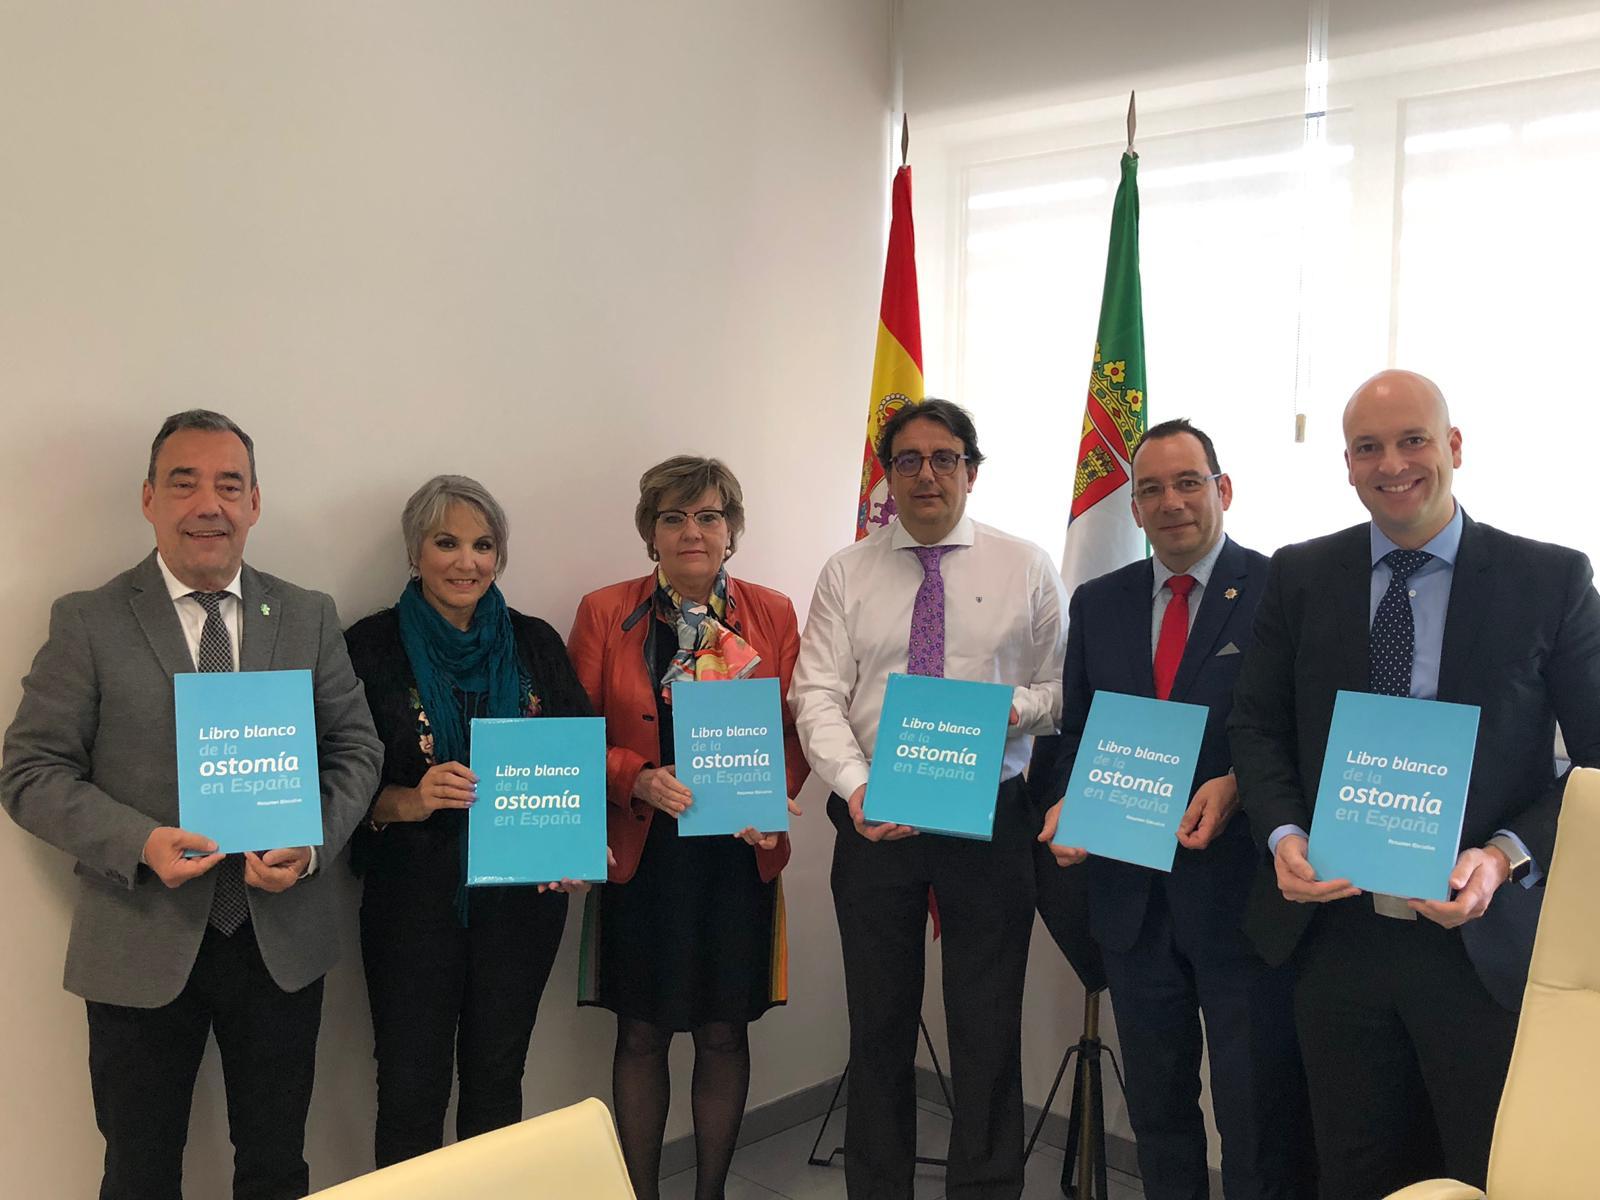 Pacientes ostomizados y sus enfermeras estomaterapeutas piden a Sanidad de Extremadura que la consulta de ostomía esté en la cartera de servicios de los hospitales